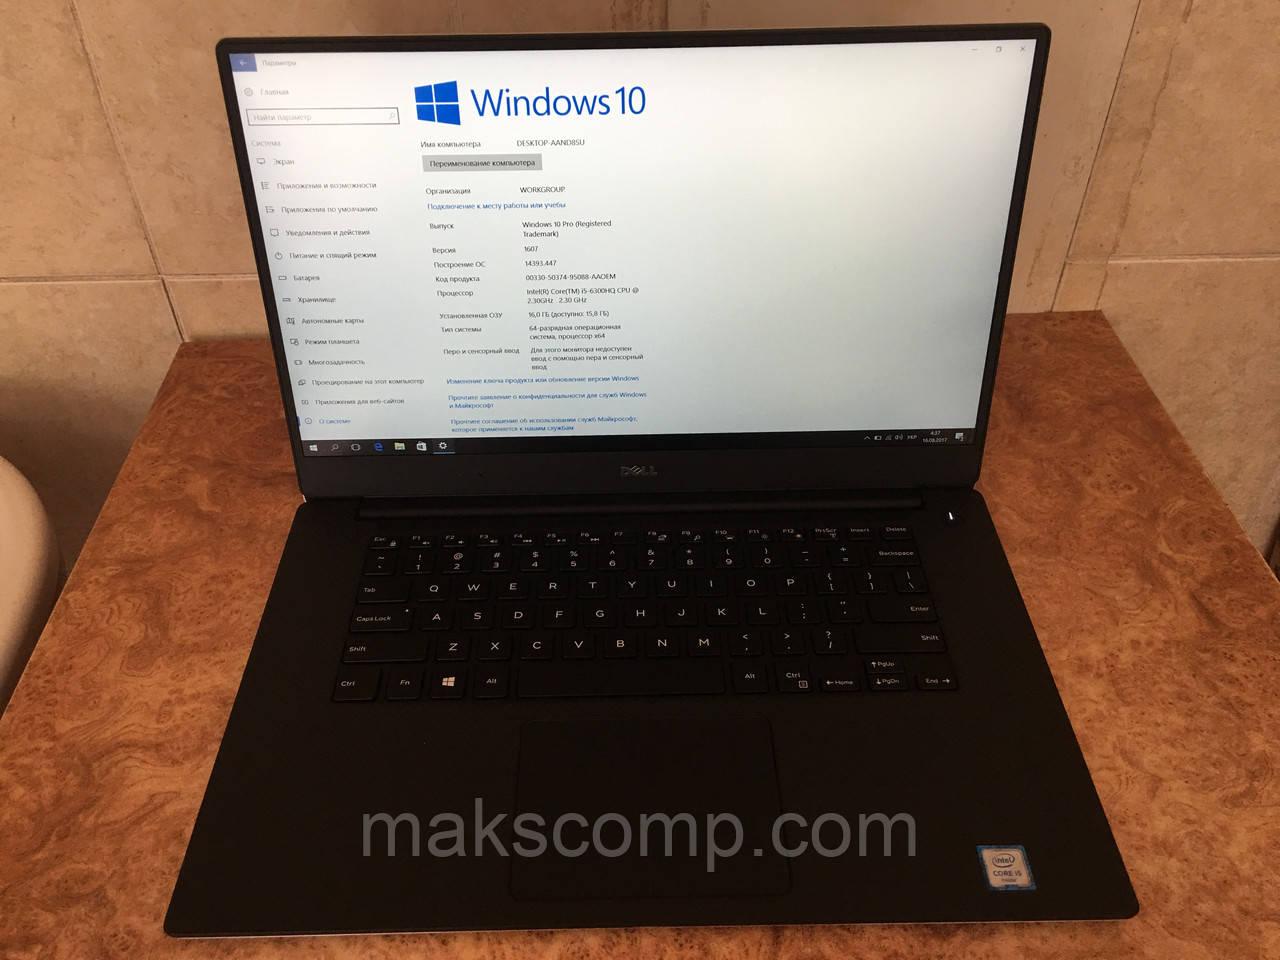 Dell XPS 9550 15'6 FHD i7 6700HQ Nvidia GTX 960 2Gb, 8Gb DDR4, 256Gb SSD m2